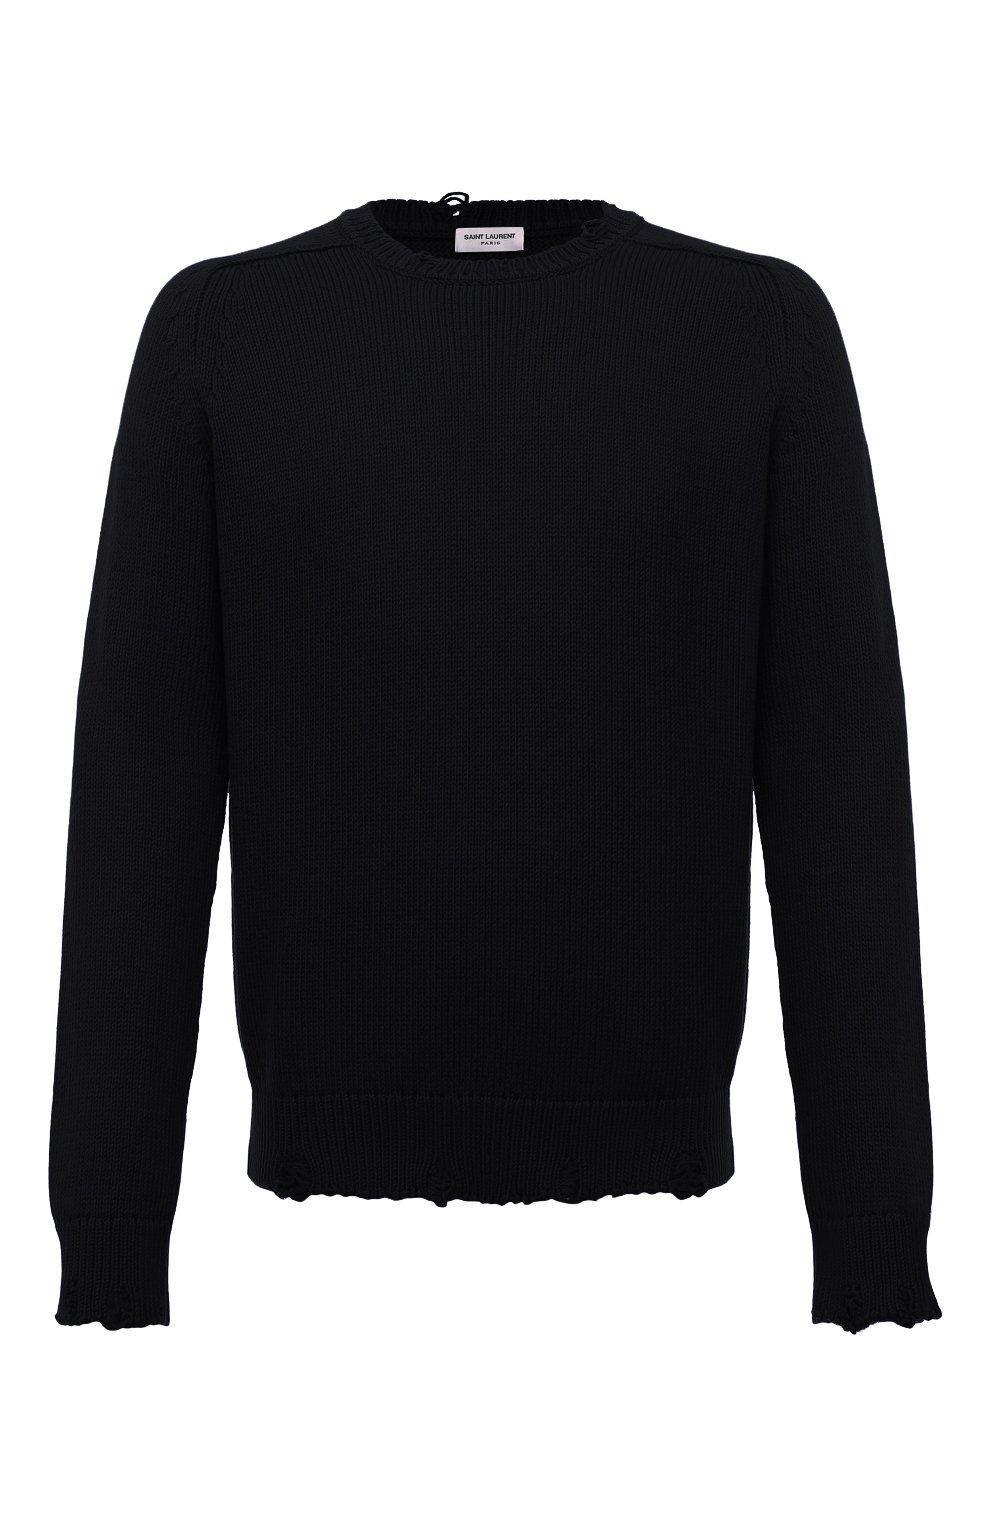 Мужской хлопковый свитер SAINT LAURENT черного цвета, арт. 604798/YAL02 | Фото 1 (Рукава: Длинные; Принт: Без принта; Длина (для топов): Стандартные; Стили: Гранж; Материал внешний: Хлопок; Мужское Кросс-КТ: Свитер-одежда; Статус проверки: Проверена категория)